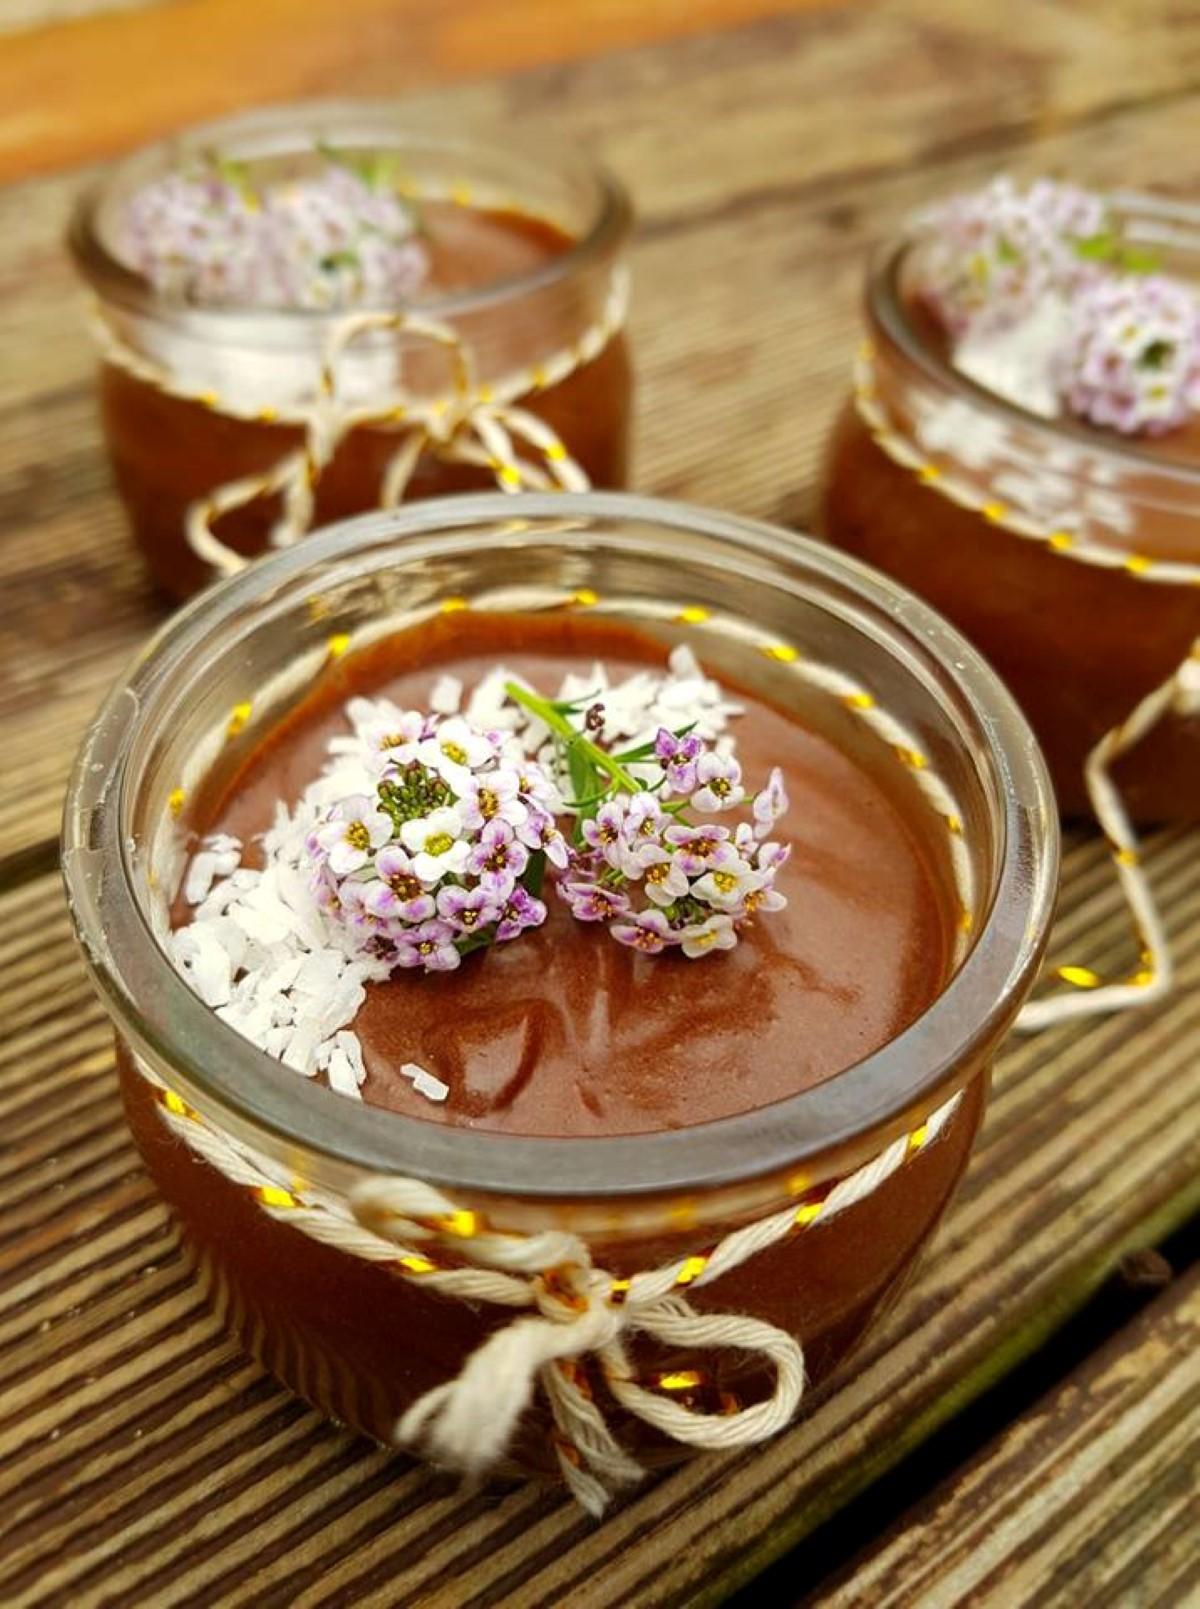 La recette de Emma Healthy Fit : Mousse au chocolat noir Vegan